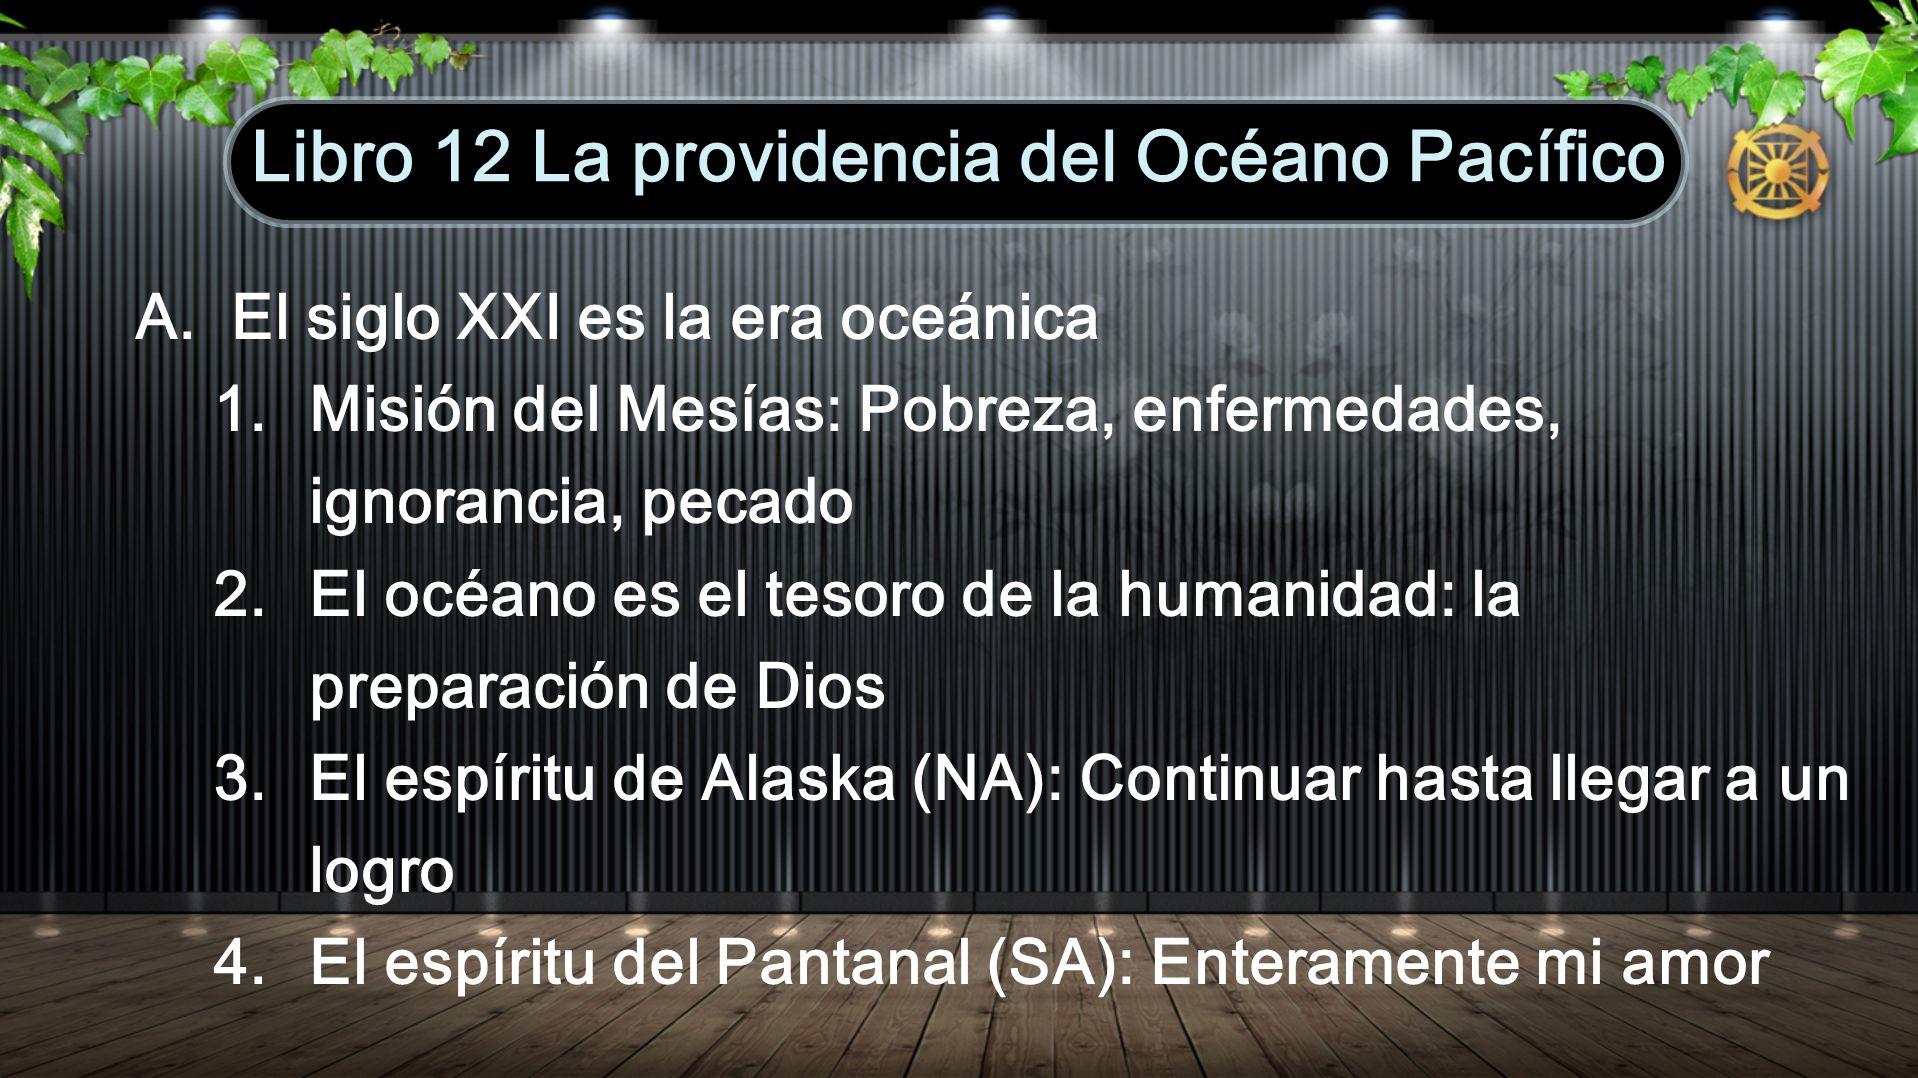 Libro 12 La providencia del Océano Pacífico